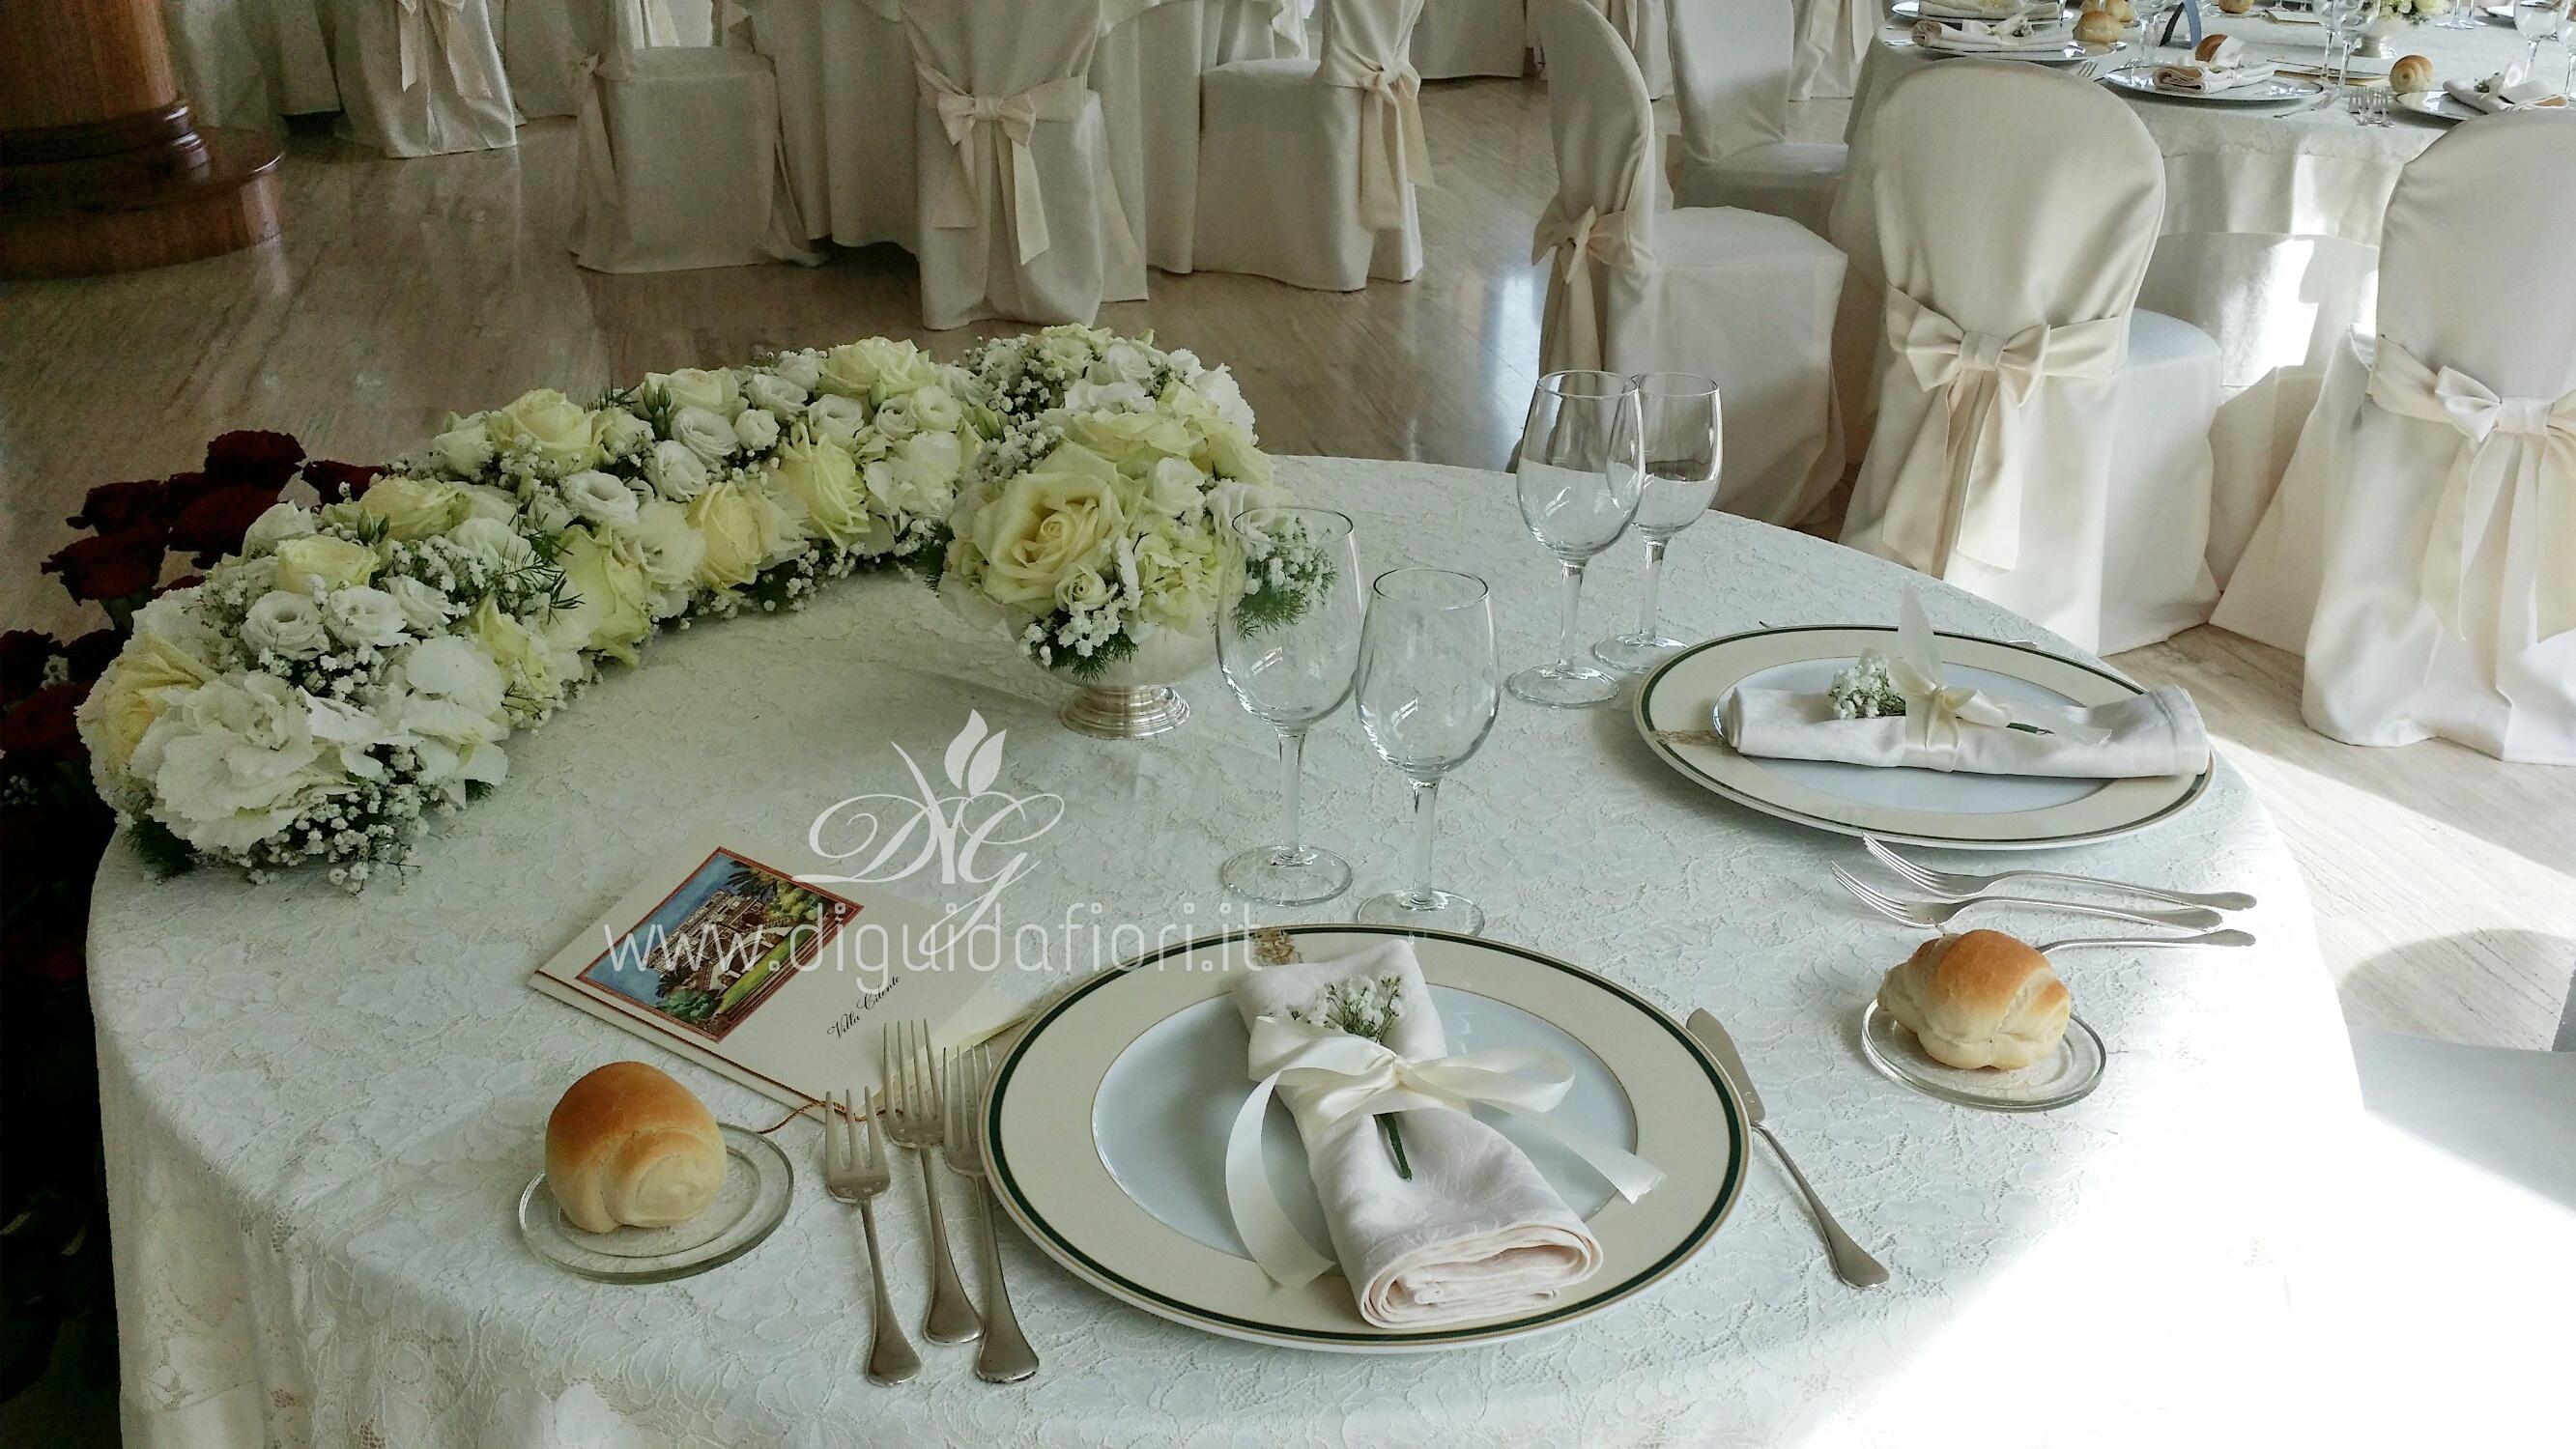 Addobbi ricevimenti fiorista roberto di guida - Addobbi tavoli matrimonio casa ...